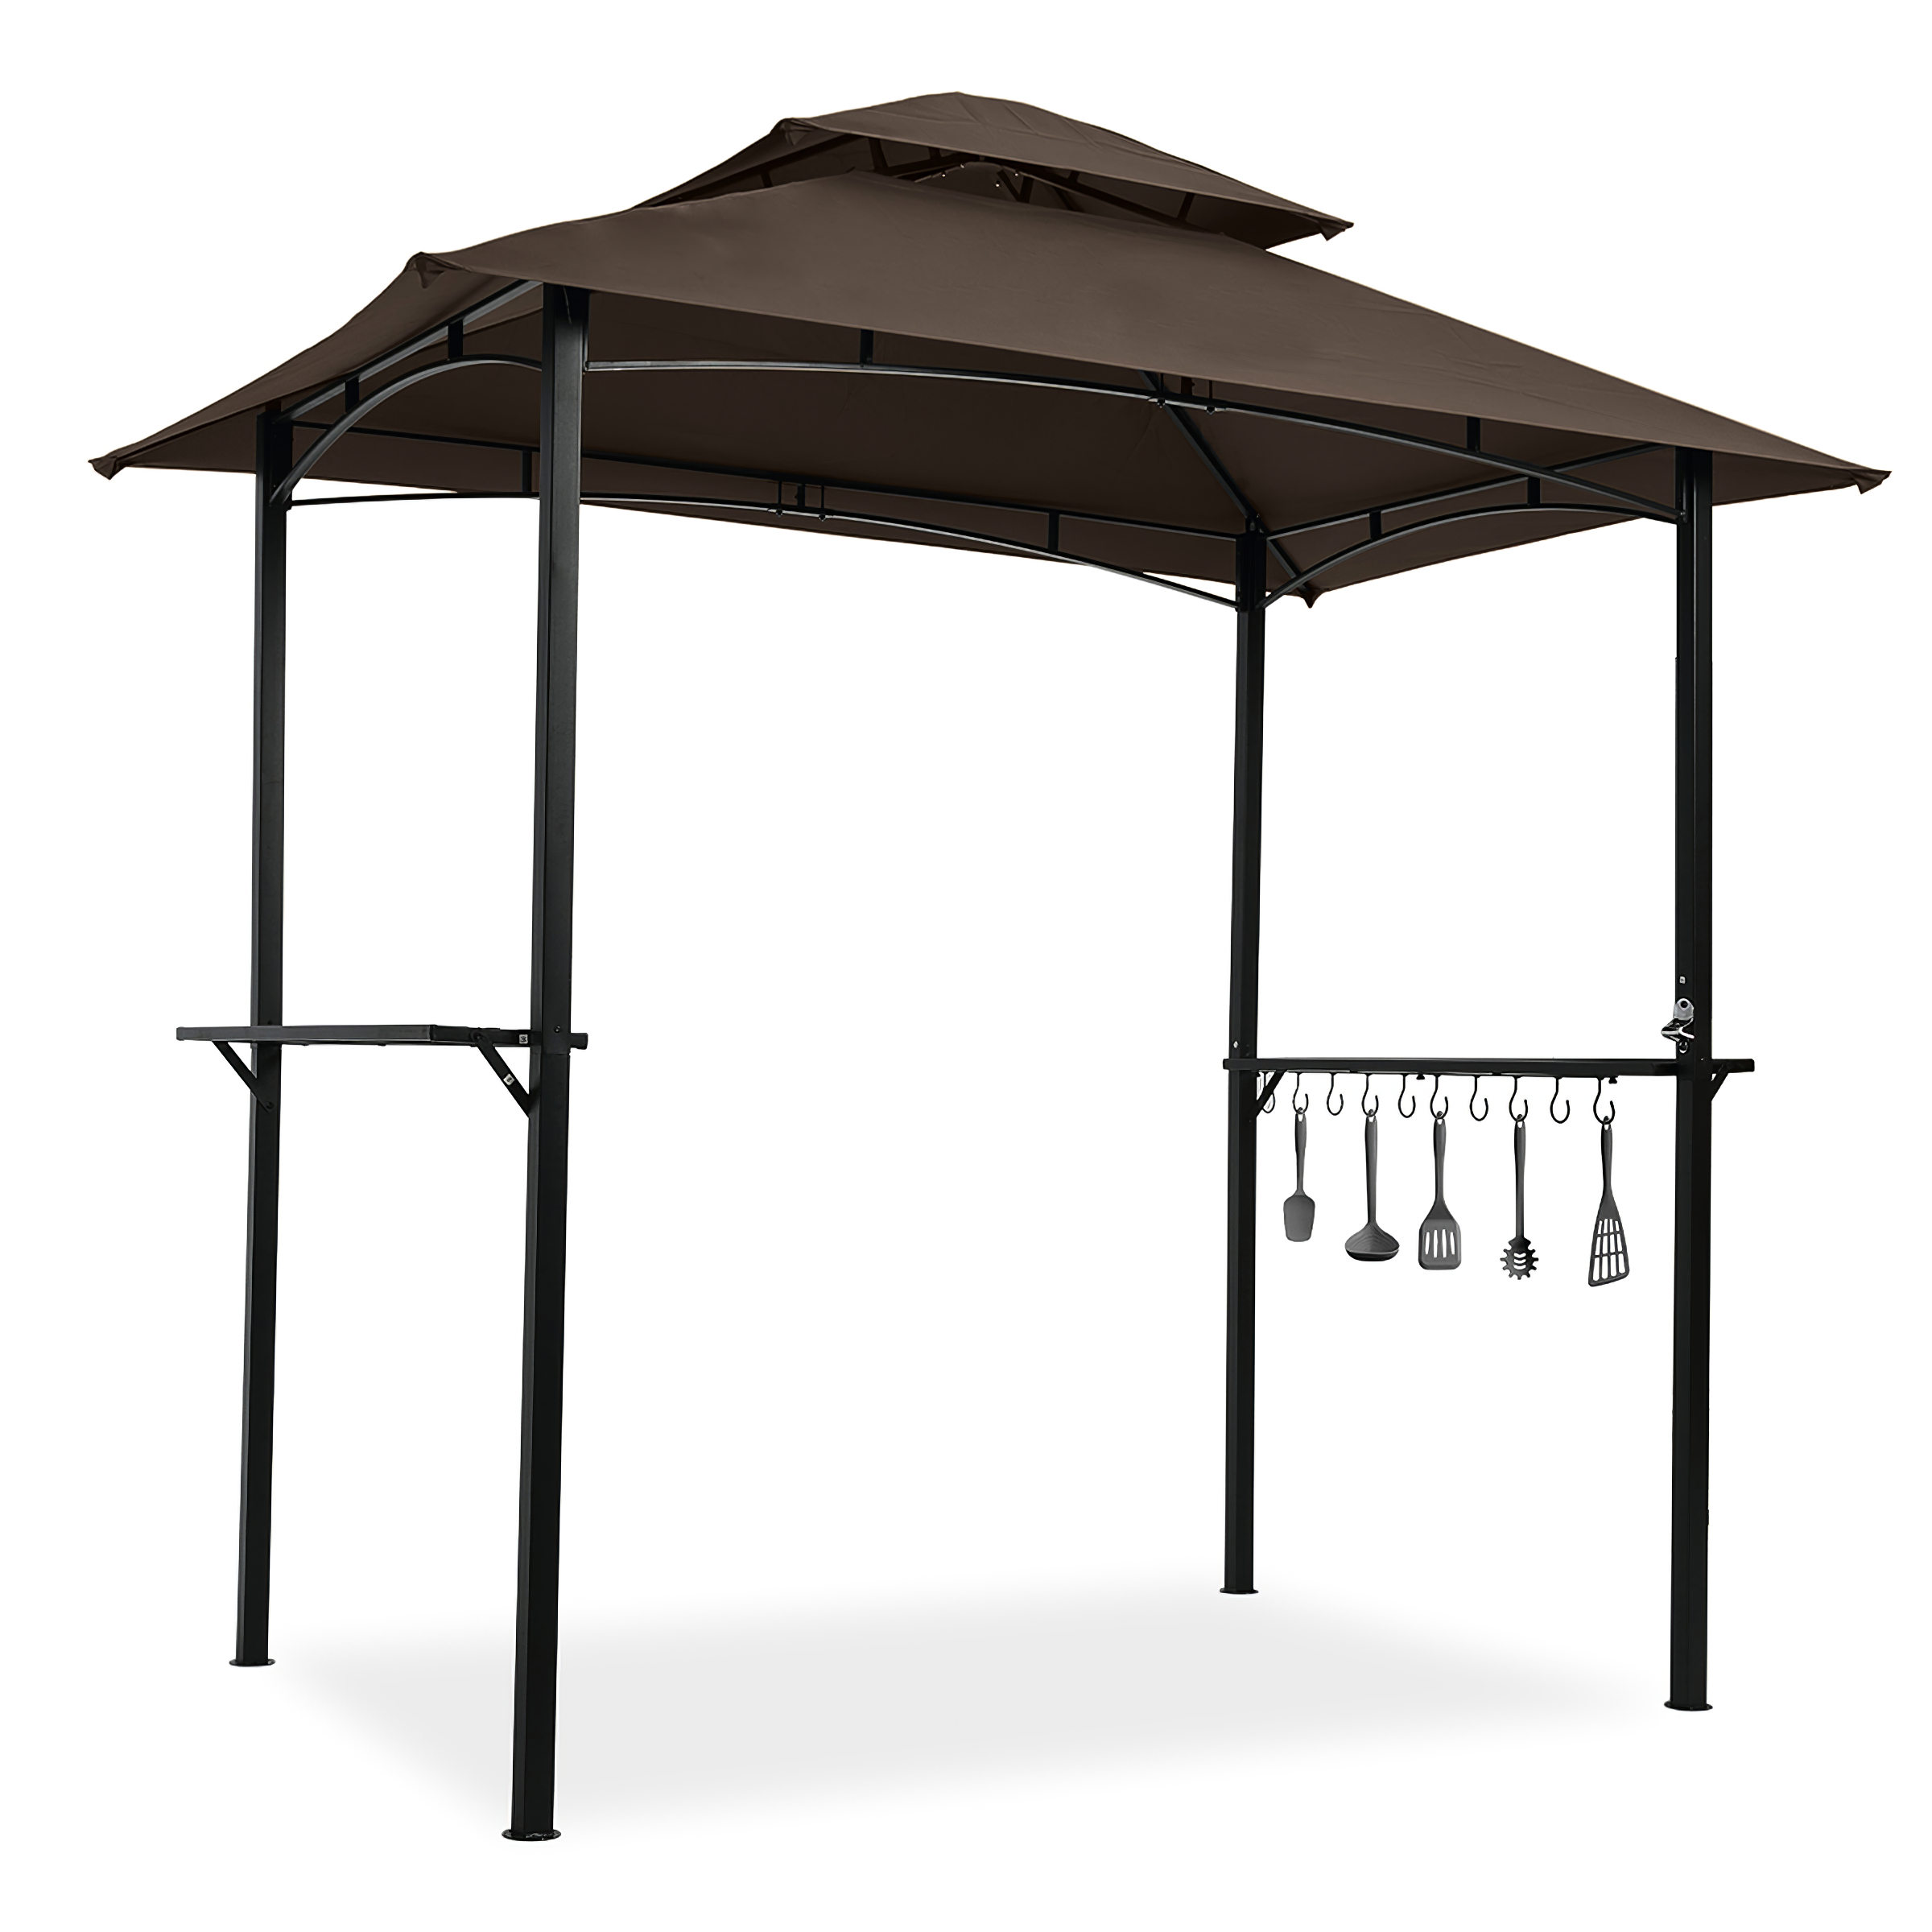 户外烧烤露台帐篷8 x 5英尺双层软顶冠